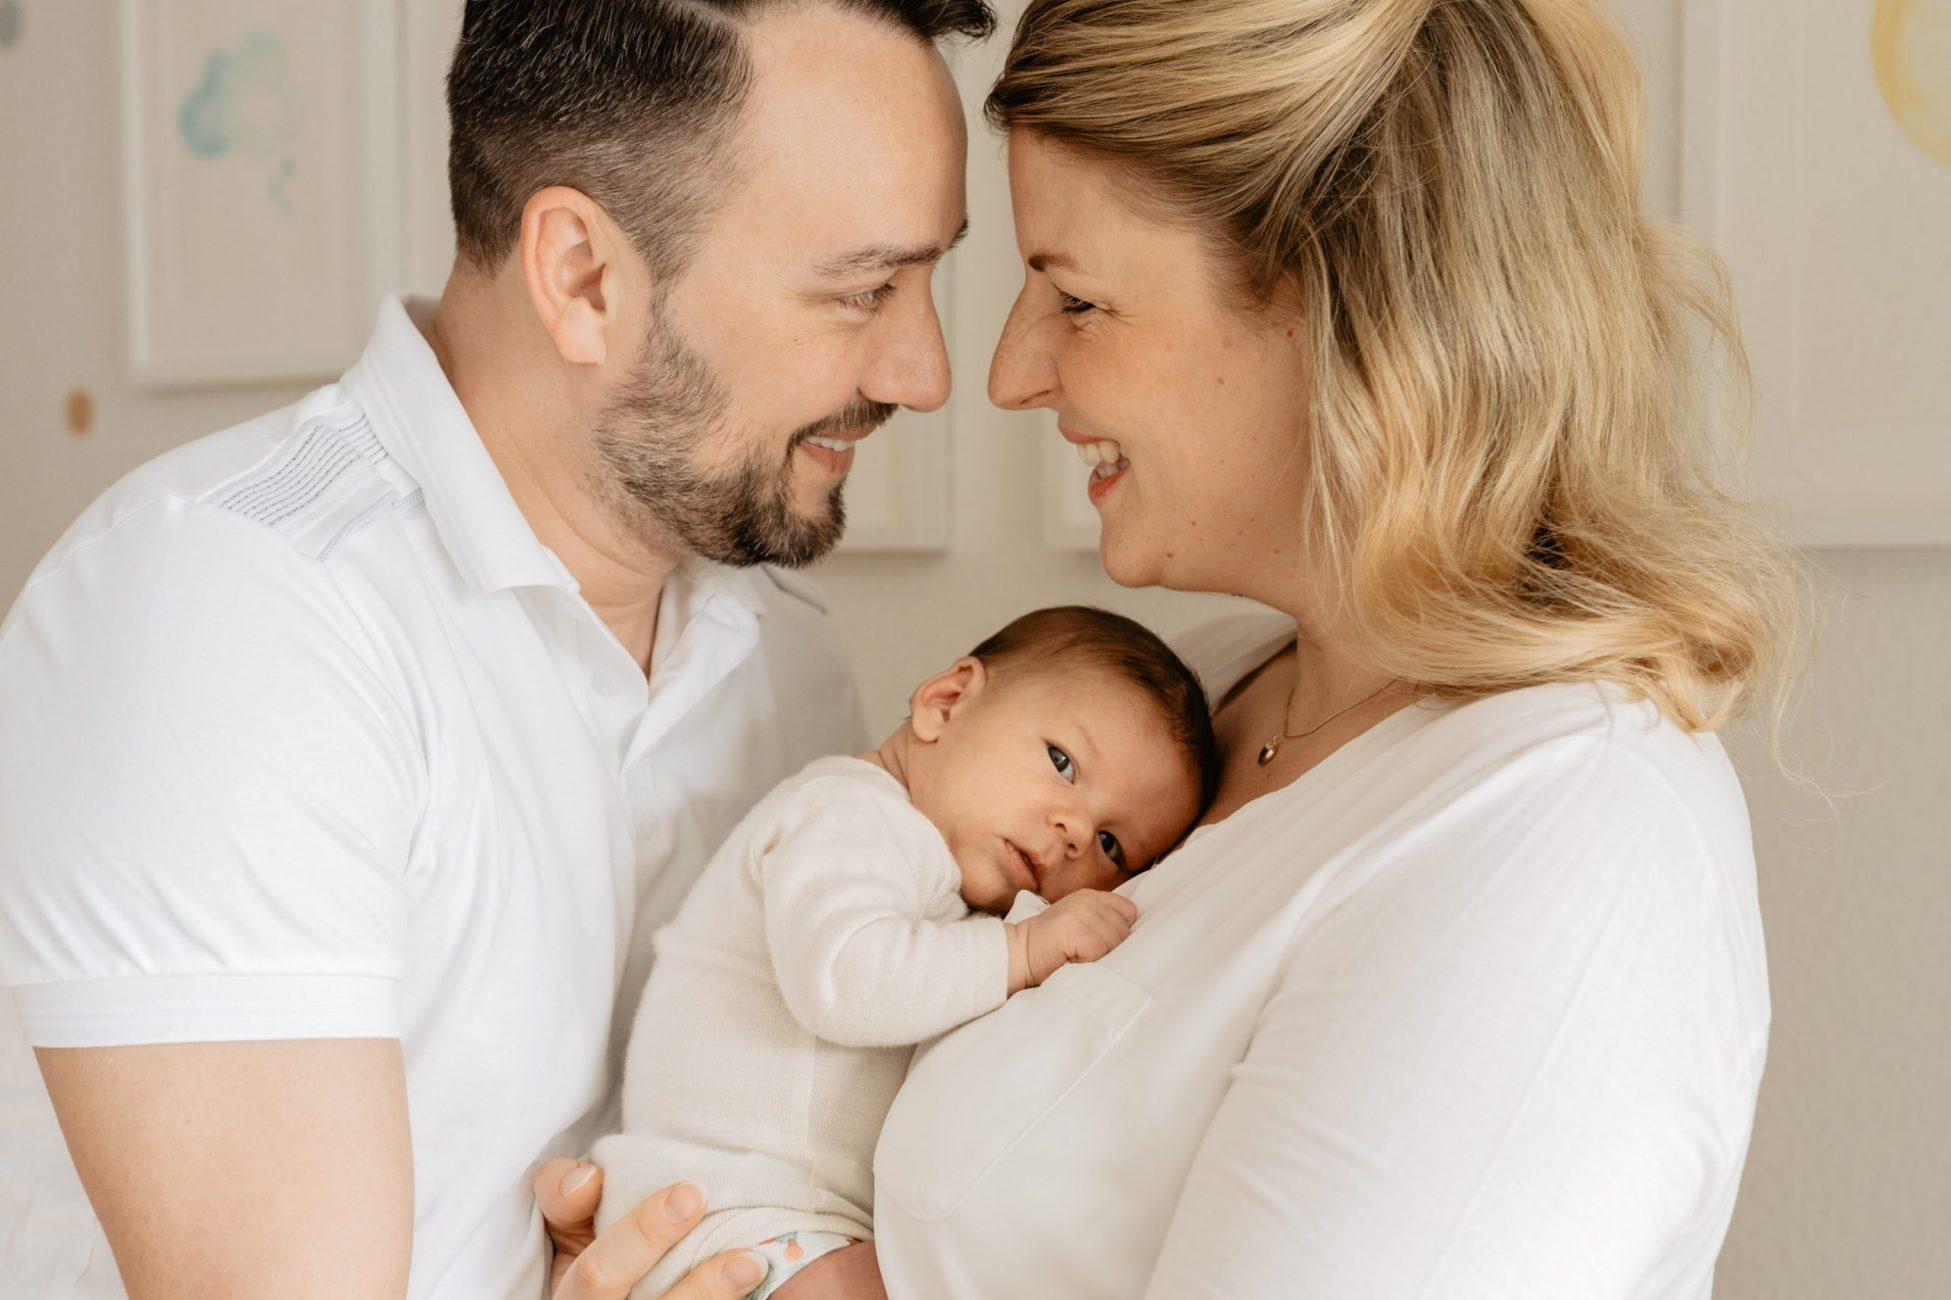 Neugeborenenfotografin-Julia-Loeffler-Fotografie Heilbronn